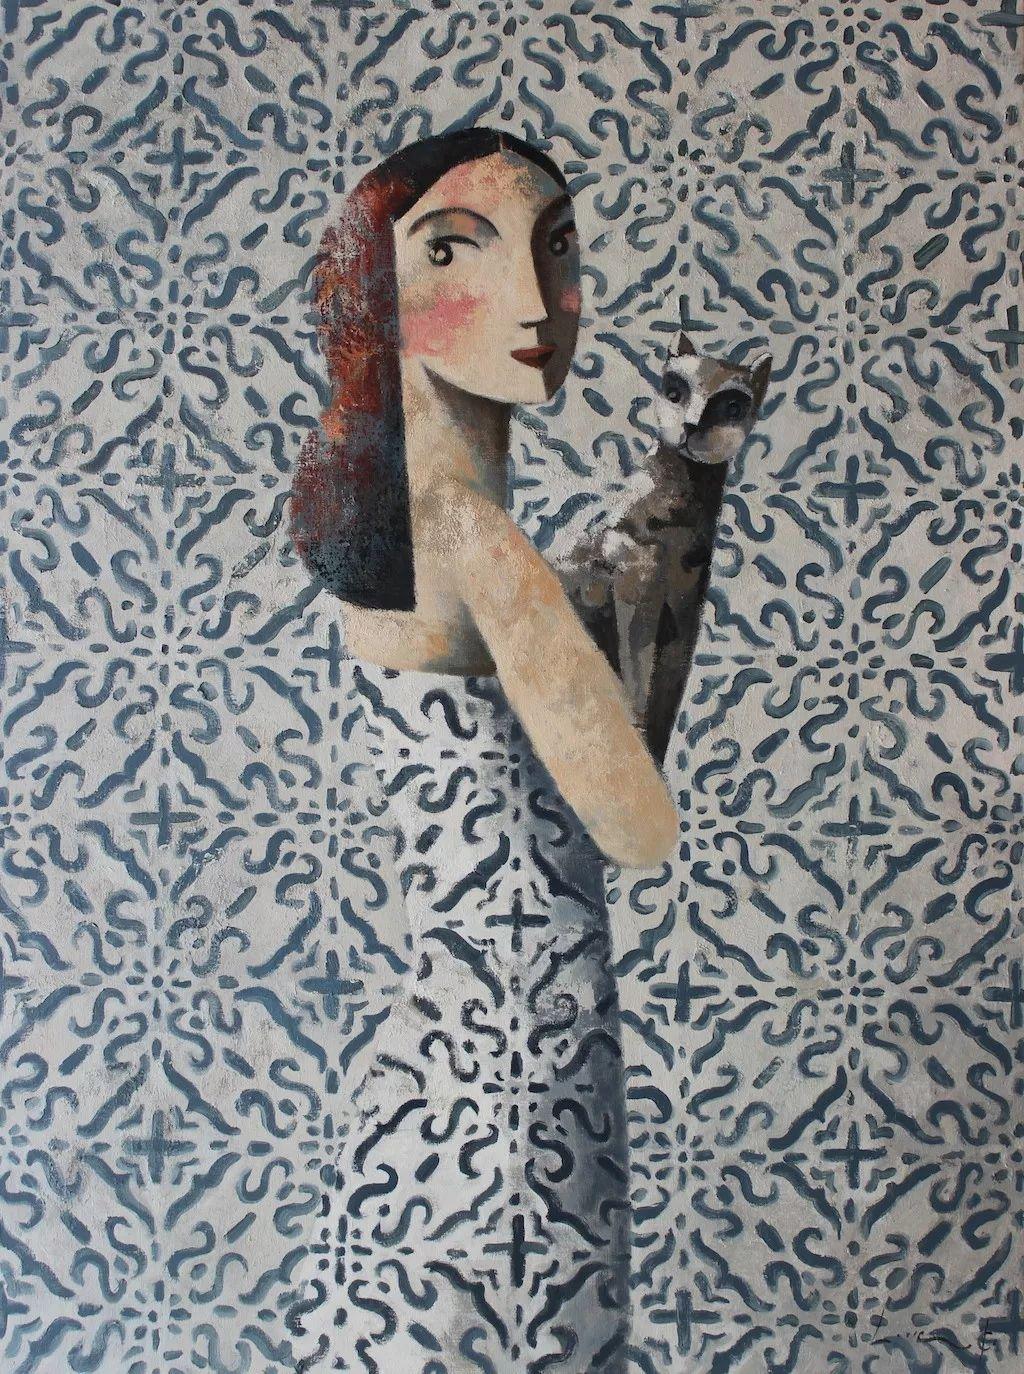 情感的表达,西班牙画家Didier Lourenço插图54